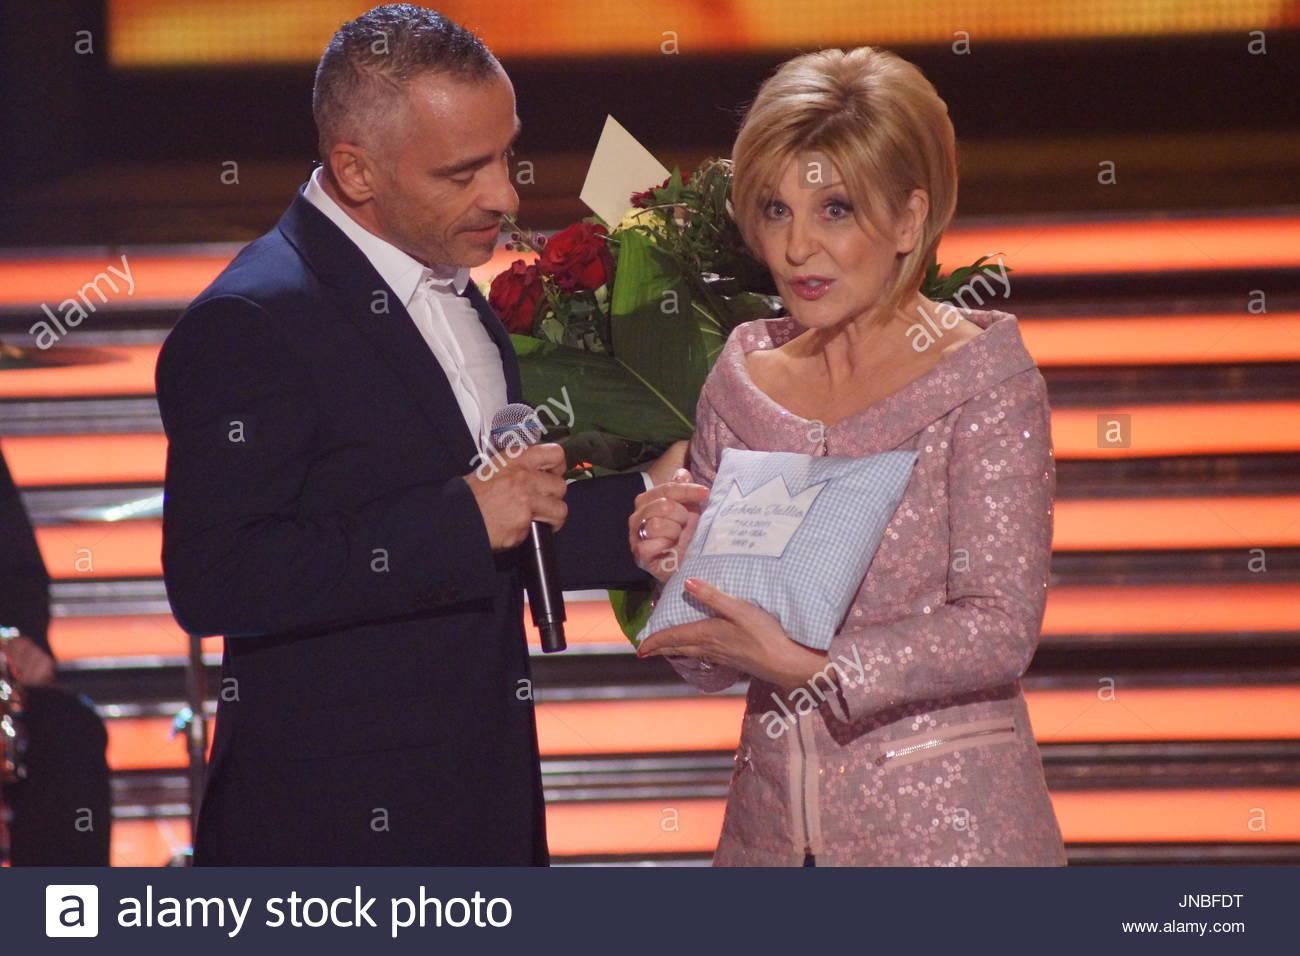 Eros Ramazzotti Eros Ramazzotti On The Tv Show Carmen Nebel In Magdeburg